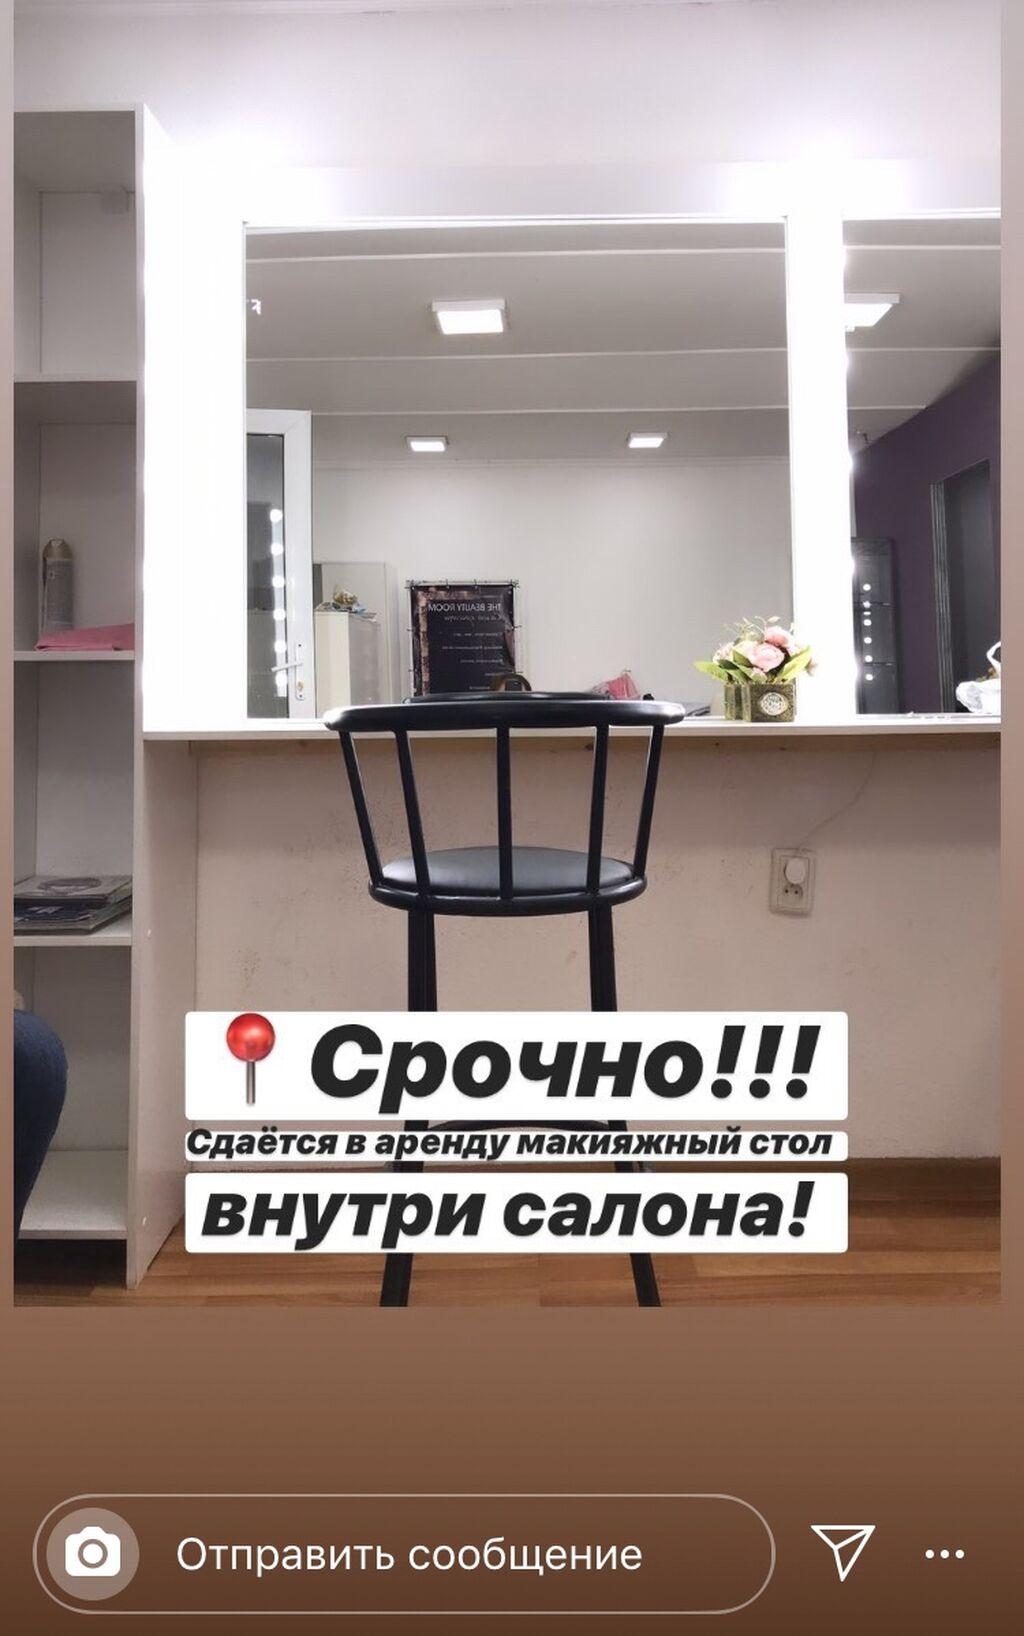 Сдается кресло для визажистов в салоне красоты, так же Кушетка для наращивая рестниц и Маникюрный столик